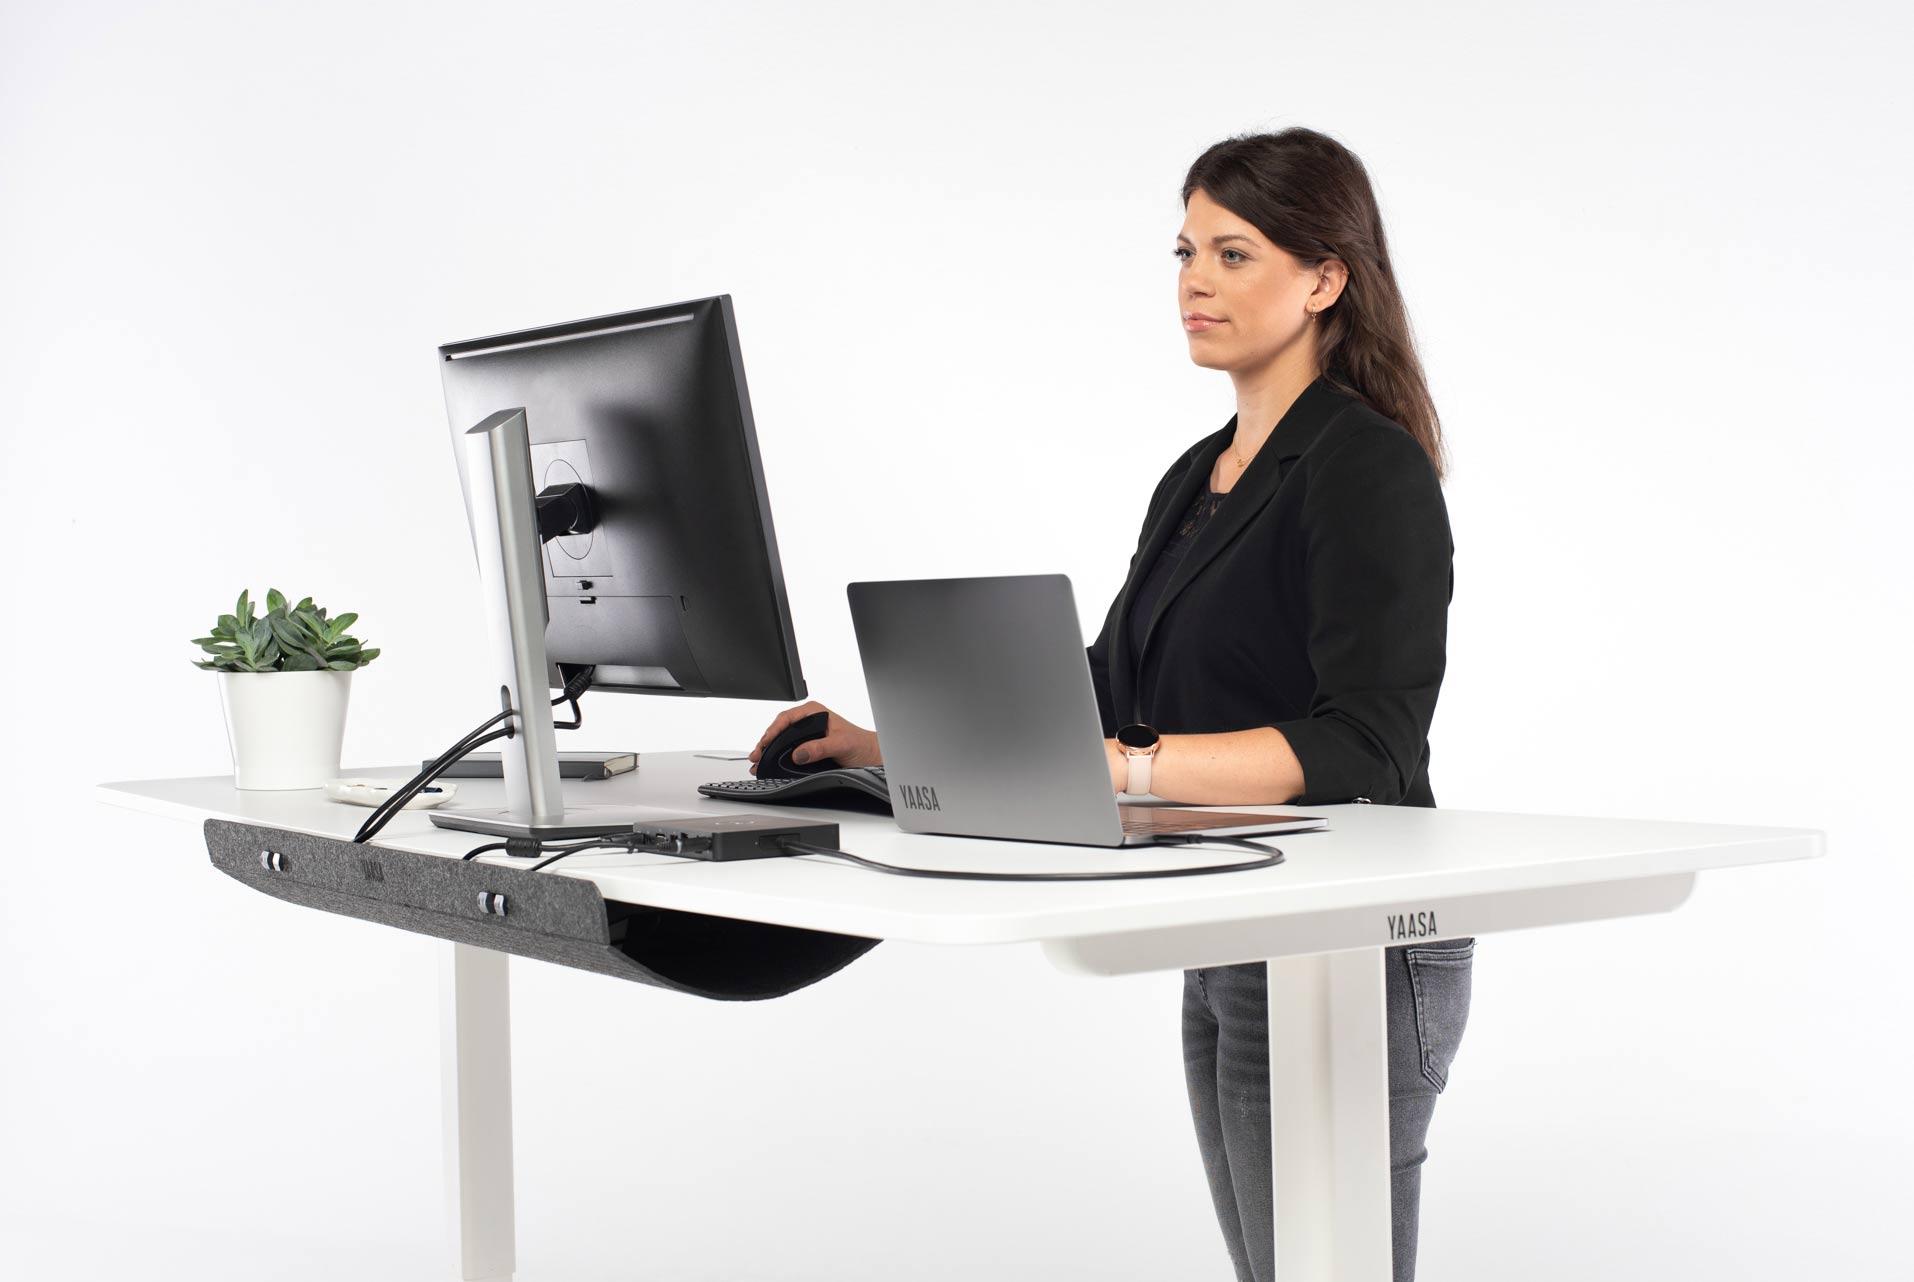 Stehend zu arbeiten fördert deine Gesundheit und Konzentration.